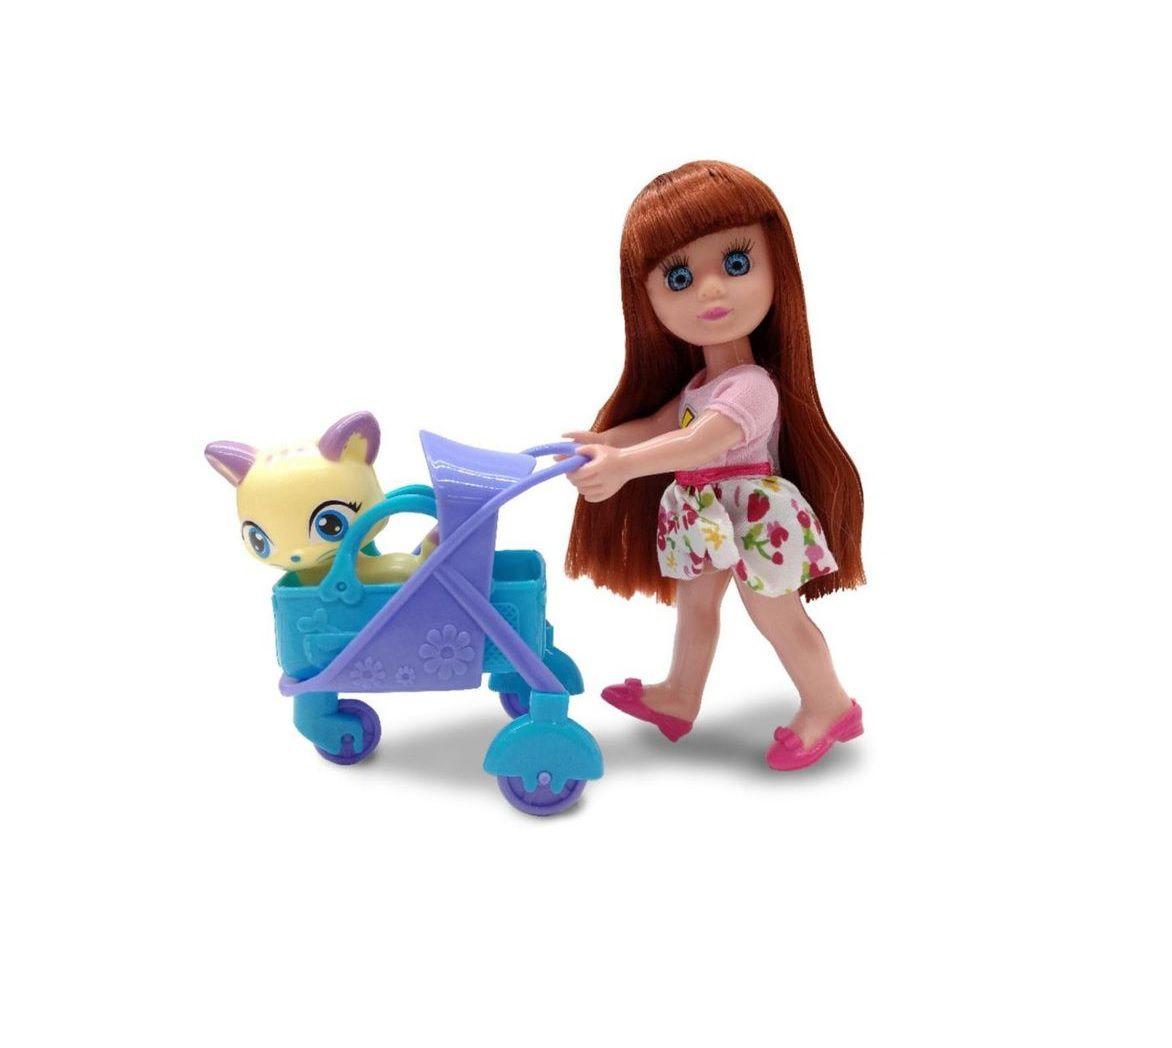 Boneca Candy Pet Park com Acessórios - Zoop Toys